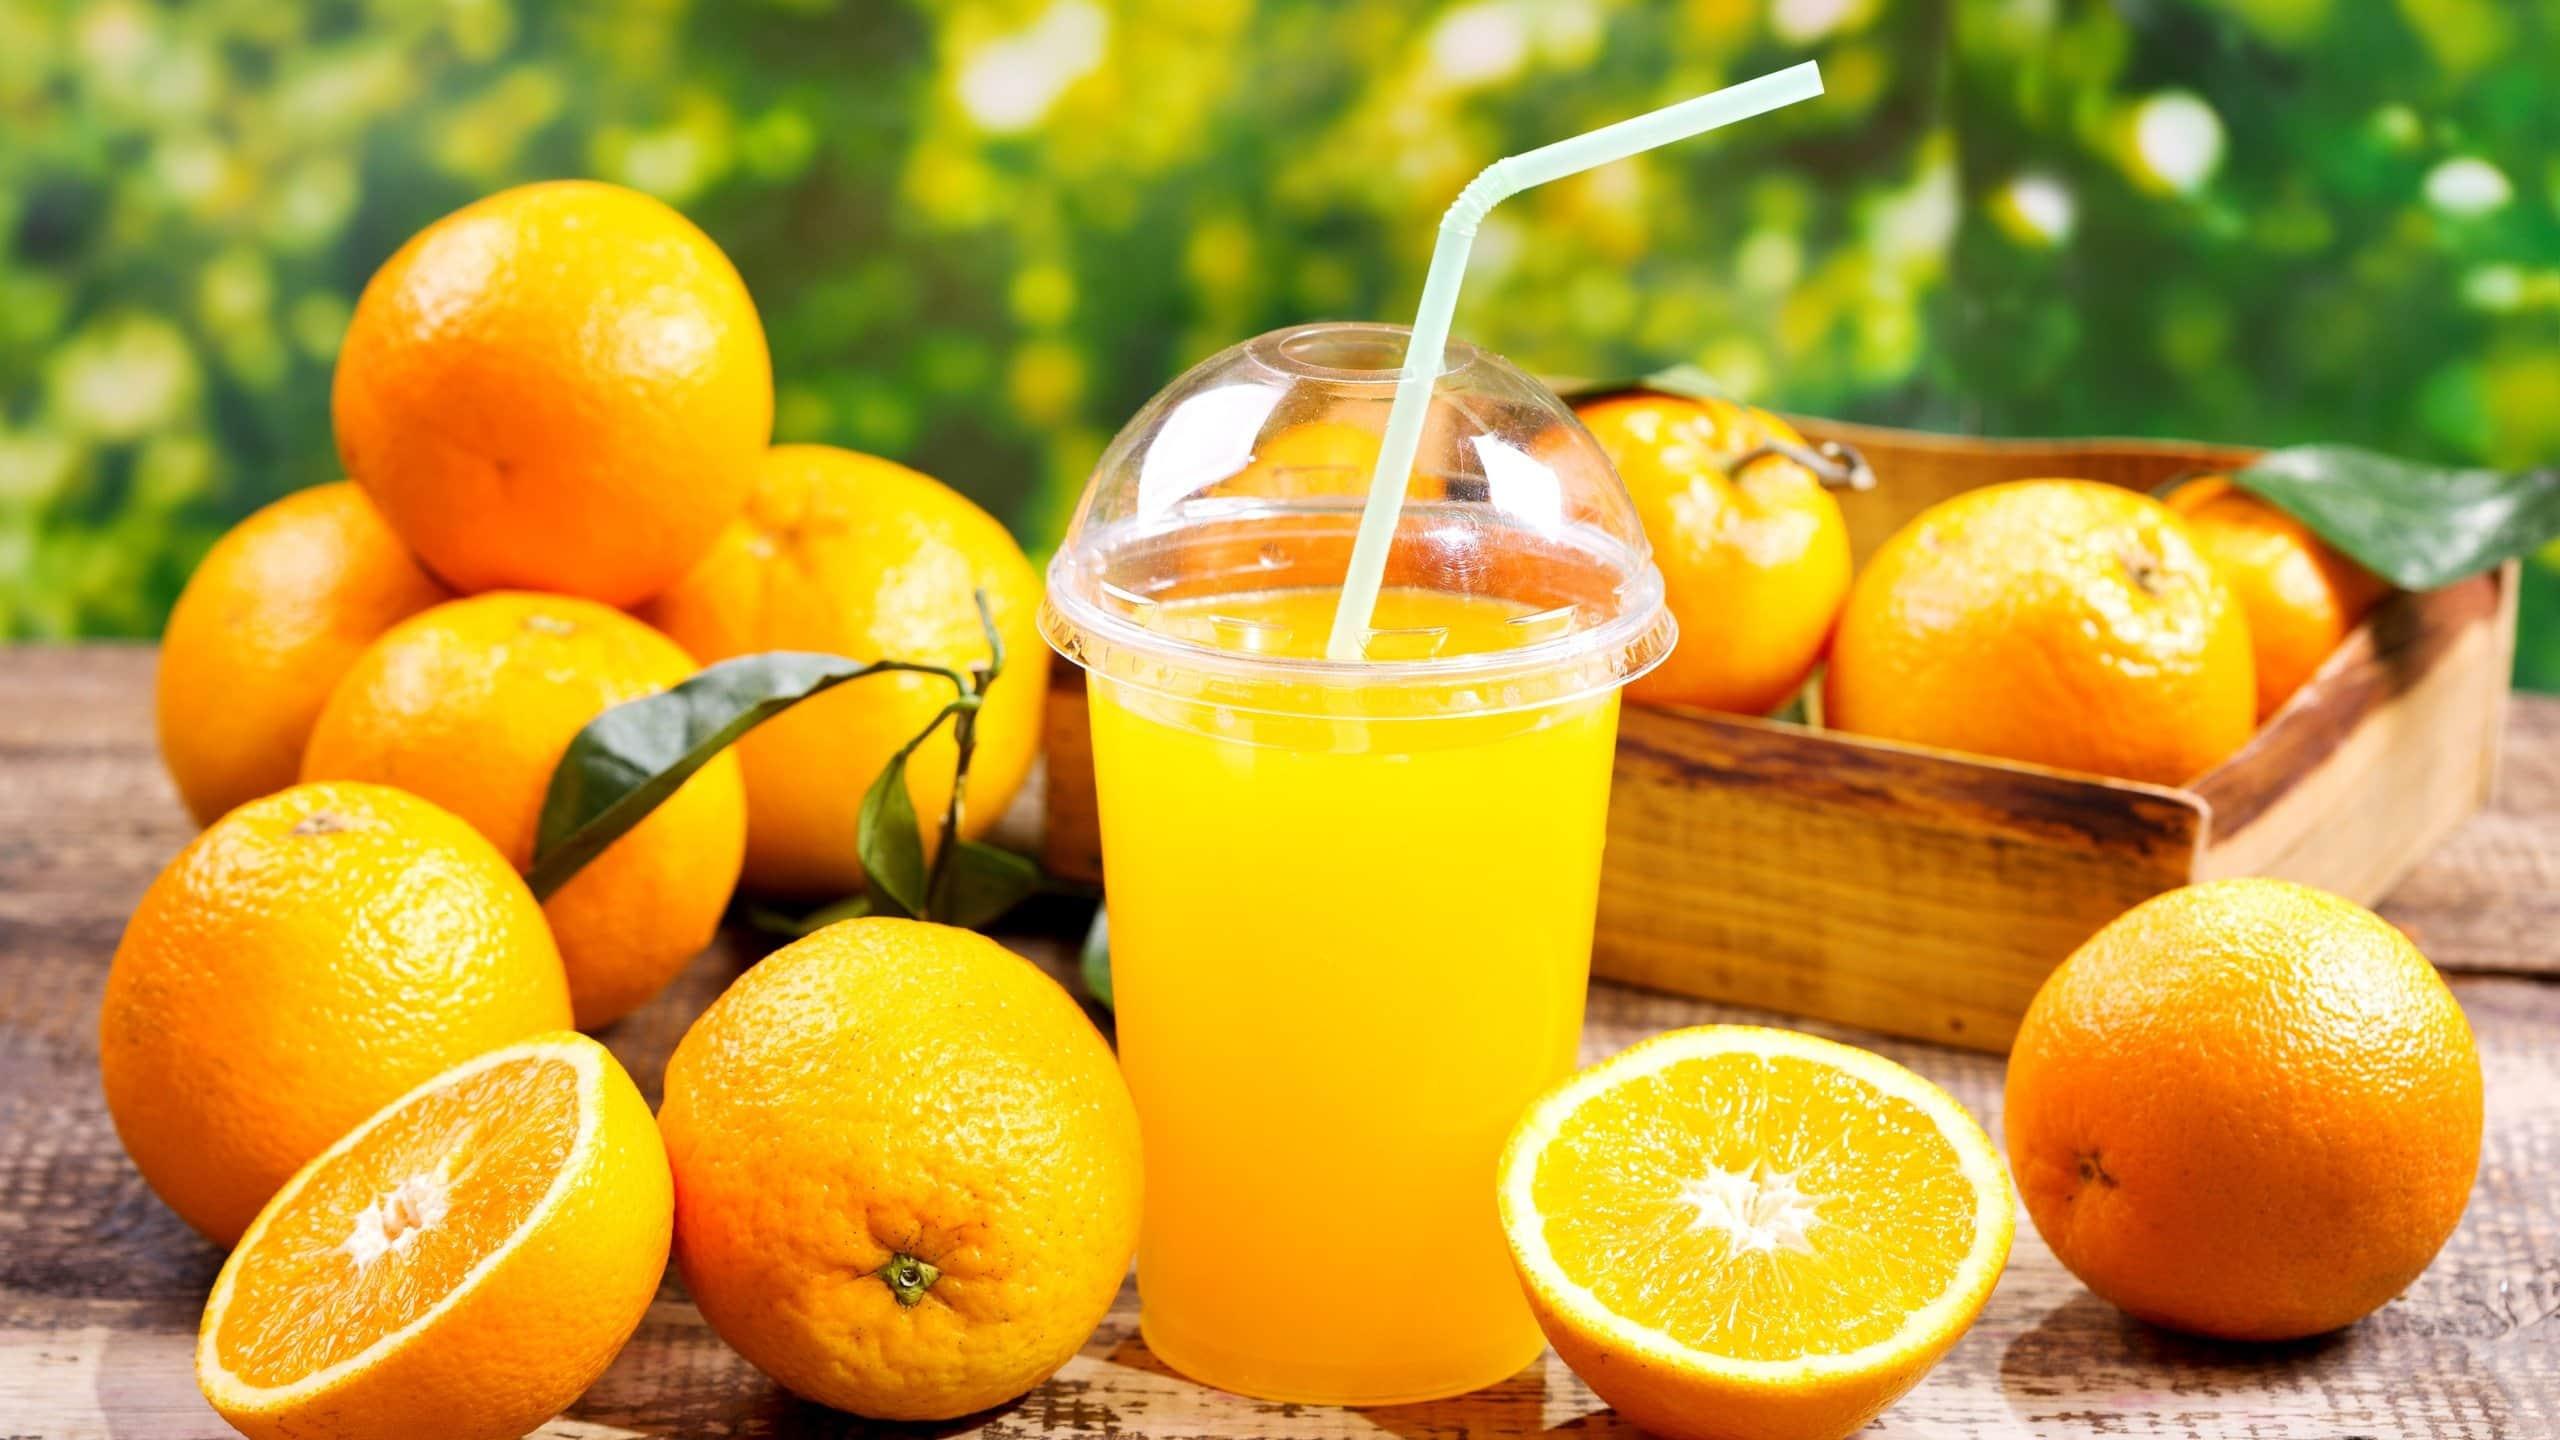 Апельсины помогли пожилым людям сохранить зрение